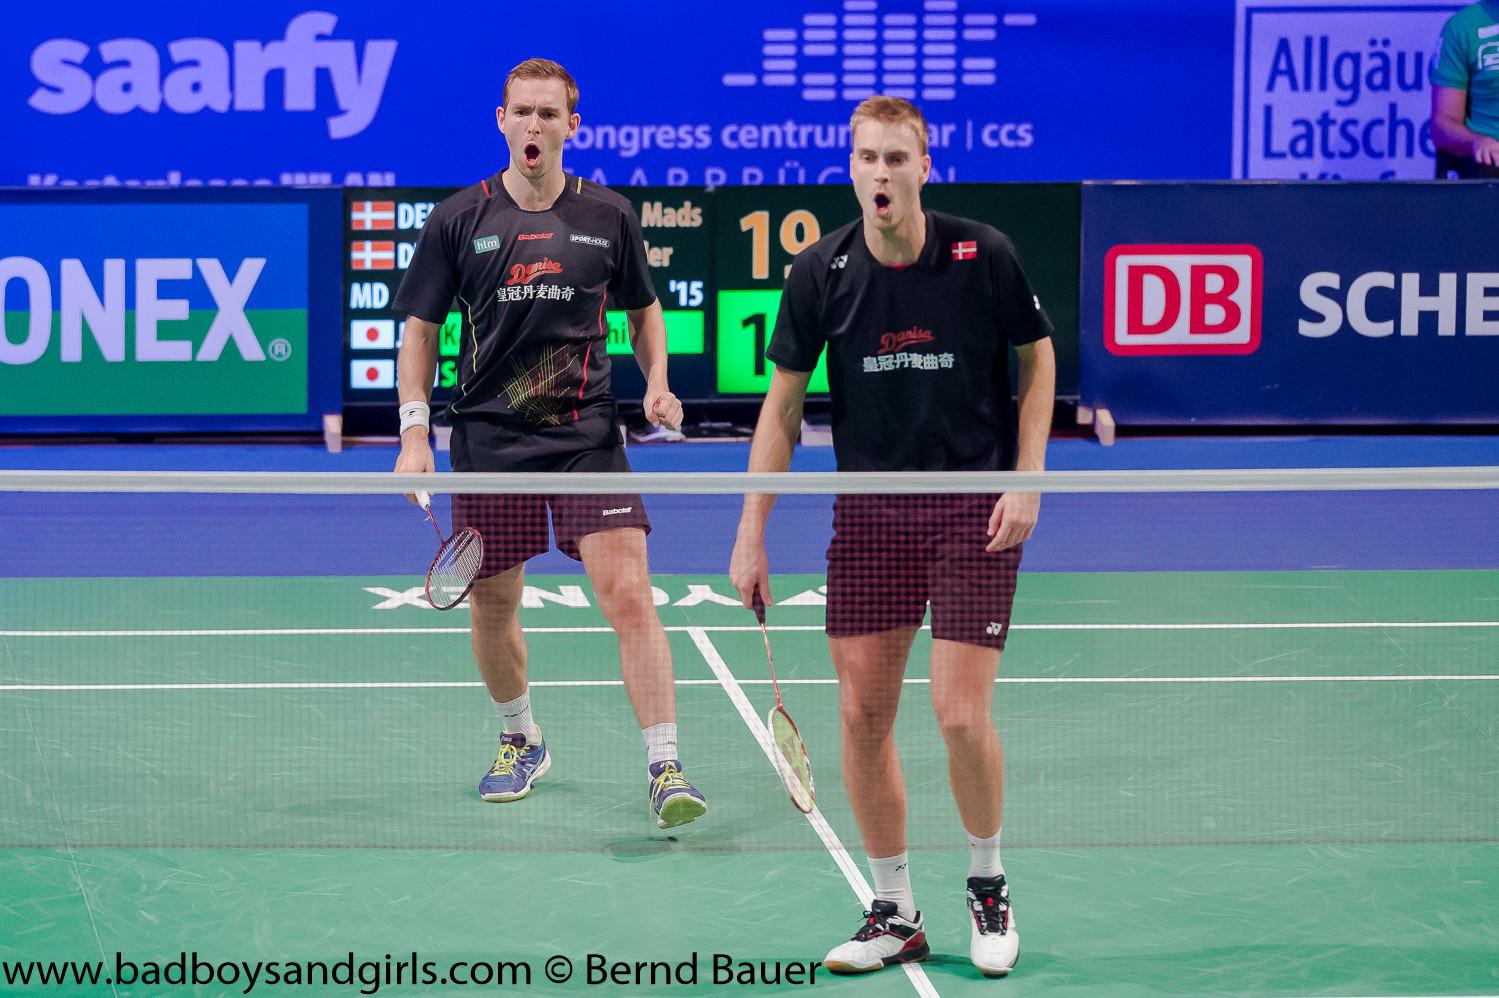 Maß aller Dinge waren die Dänen Conrad und Kolding, die ihren Sieg von 2013 wiederholen konnten.